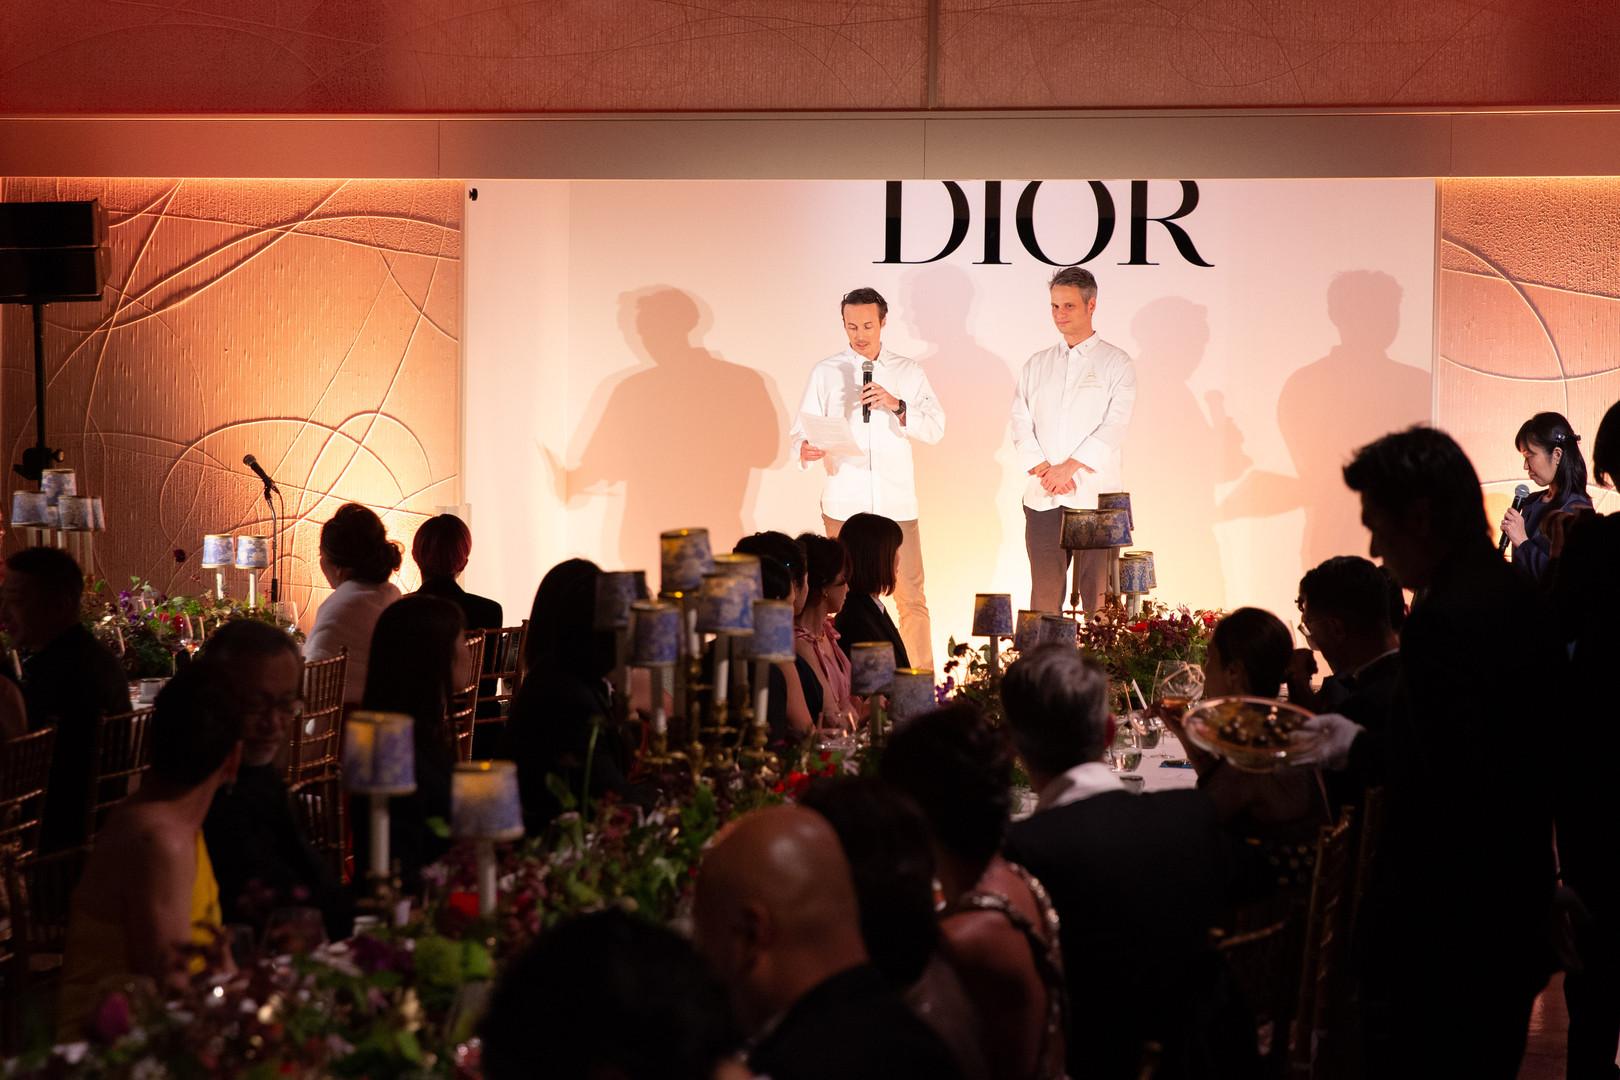 Dior Gala diner, Sébastien Martin, Franç